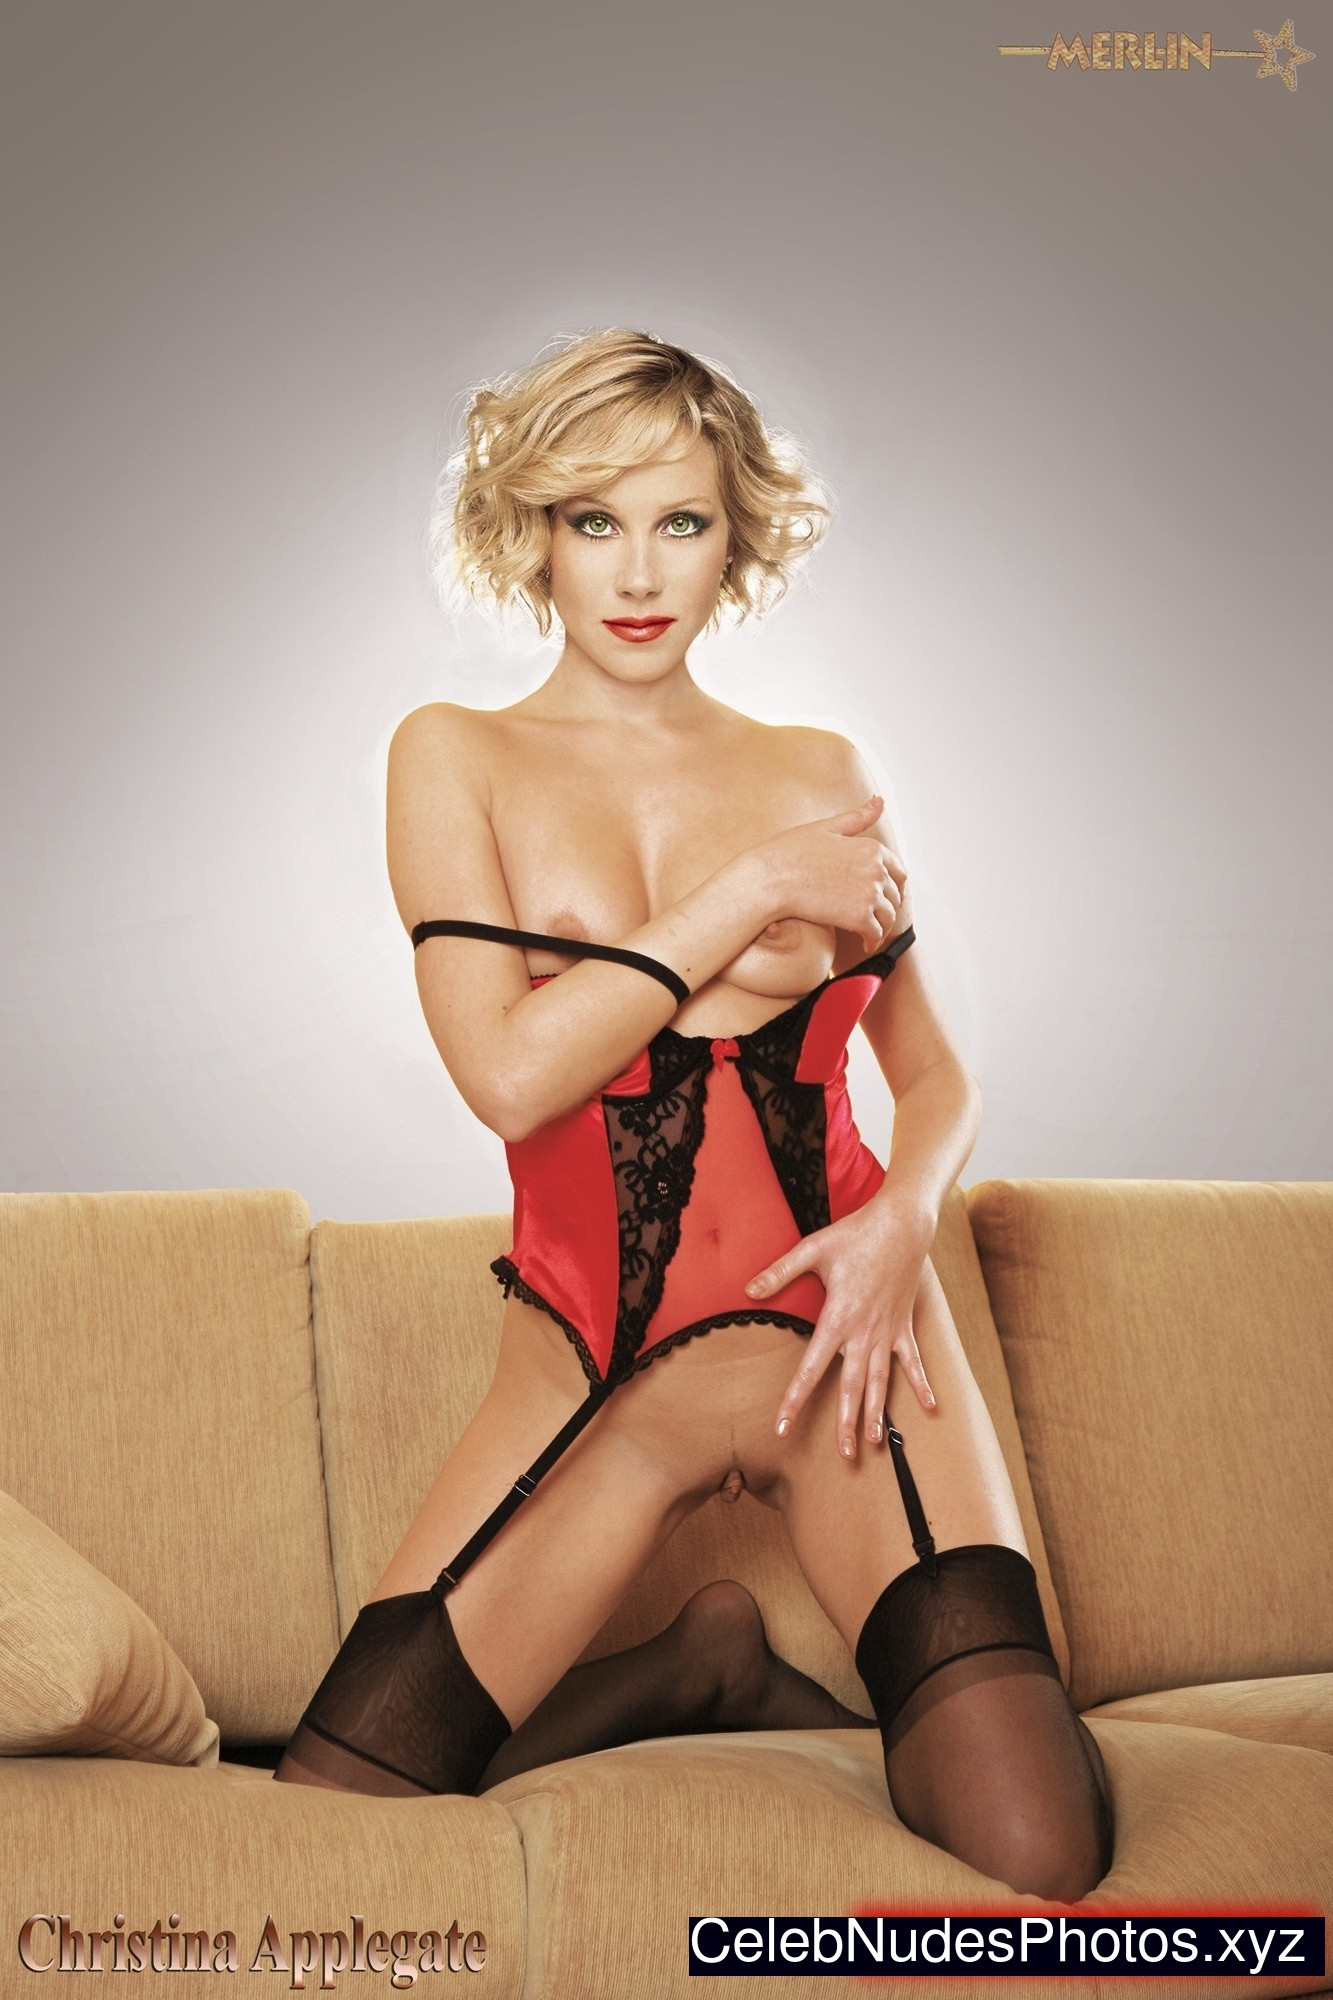 Christina Applegate Hot Naked Celeb sexy 11